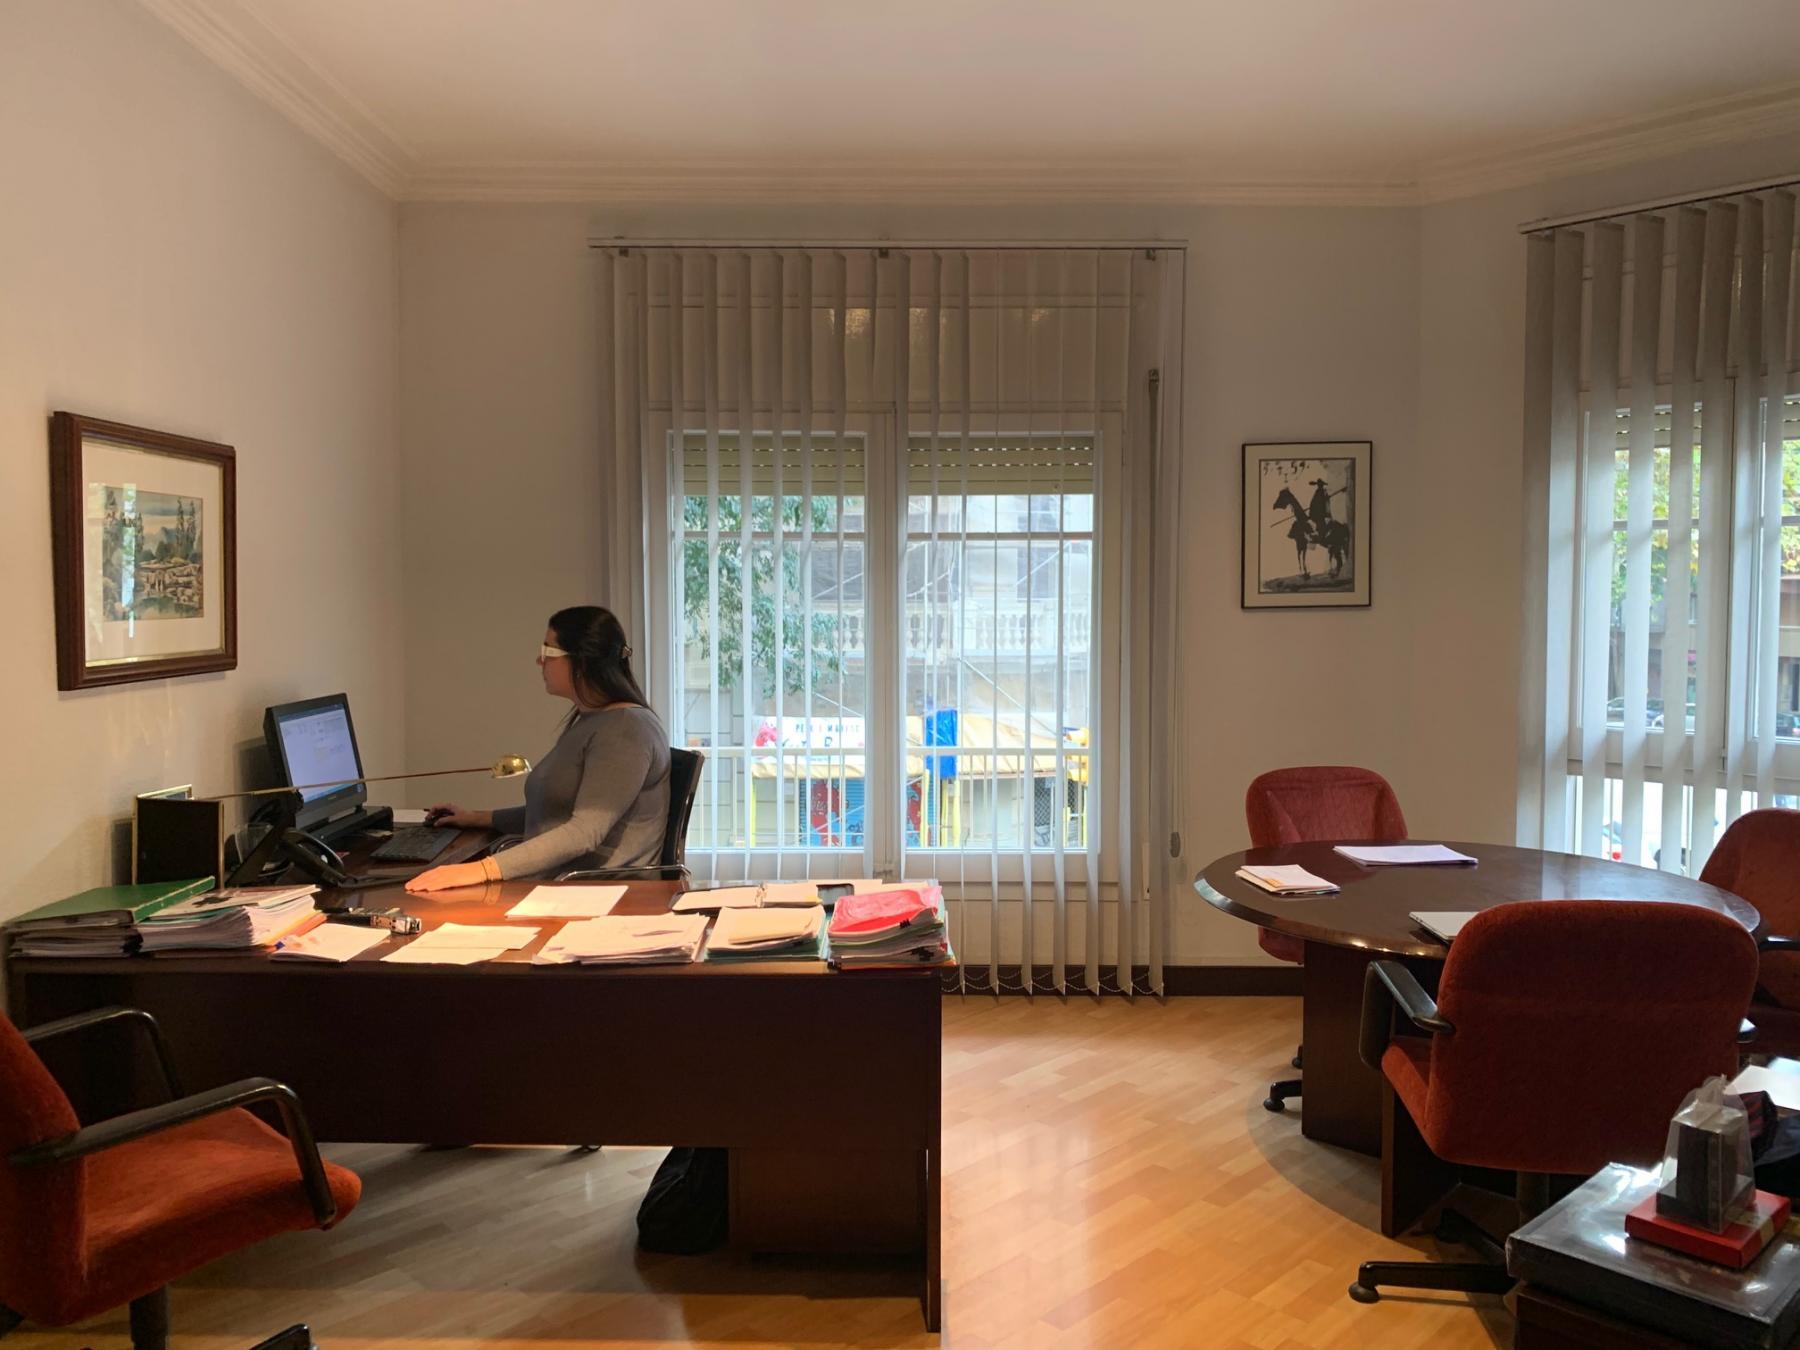 Alquilar oficinas Calle de Córcega 454-456, Barcelona (1)